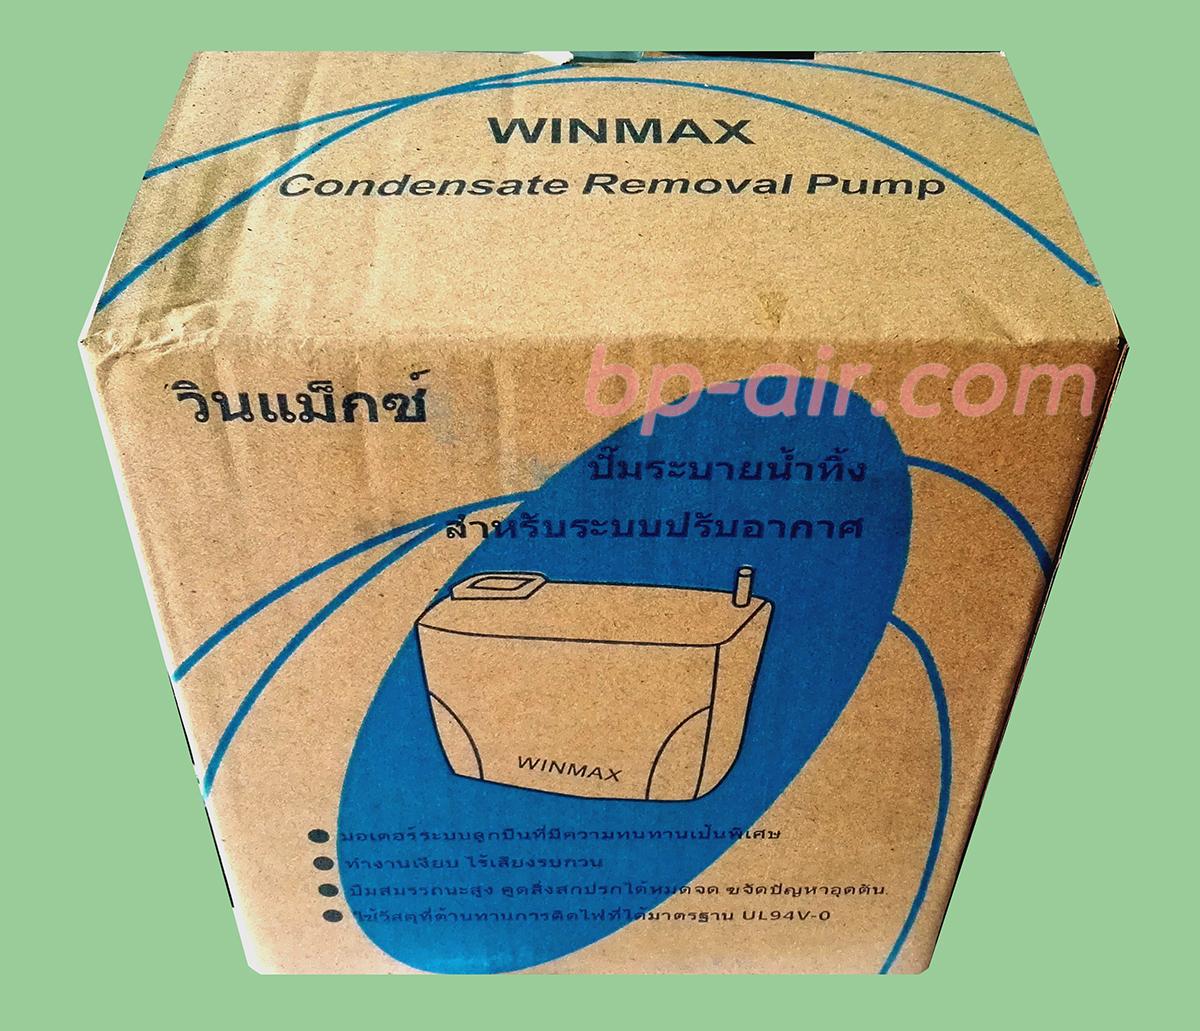 ปั๊มน้ำทิ้งแอร์ WINMAX (กาลักน้ำ)